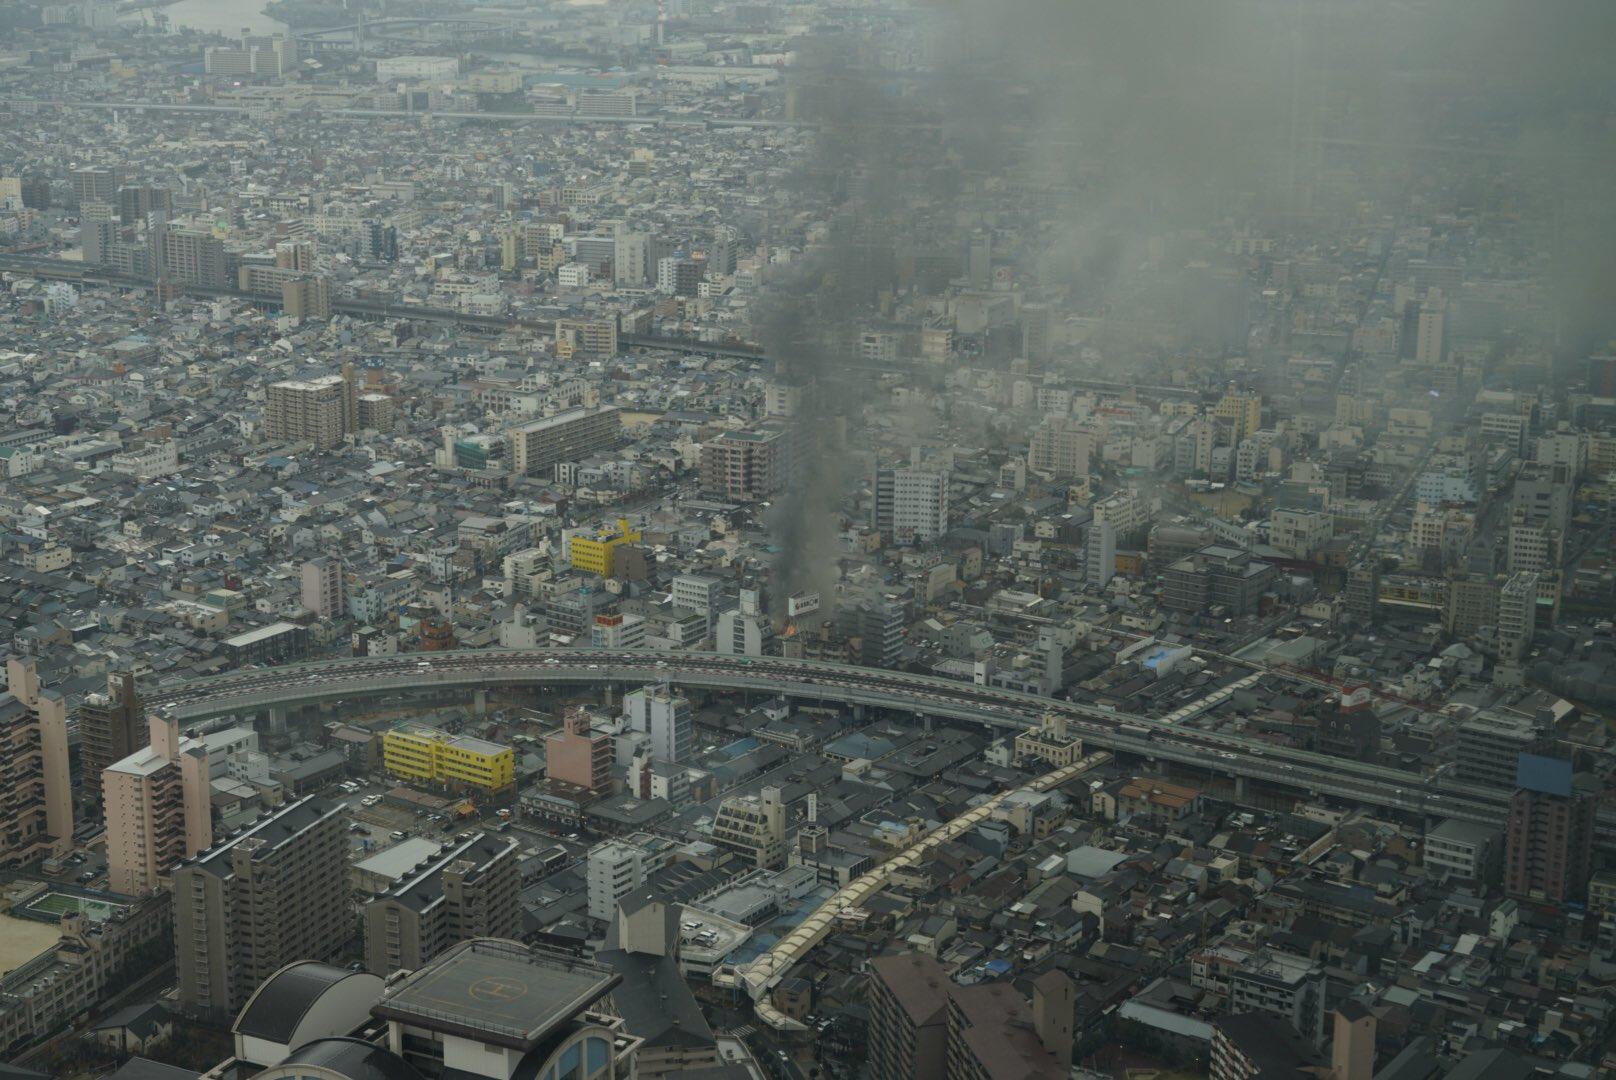 画像,マリオット都ホテルで飯食ってたら火事発見。うちのばーちマンションでもボヤがあったばかりやから人ごとには思えない。#火事 #大阪 https://t.co/iXJ…